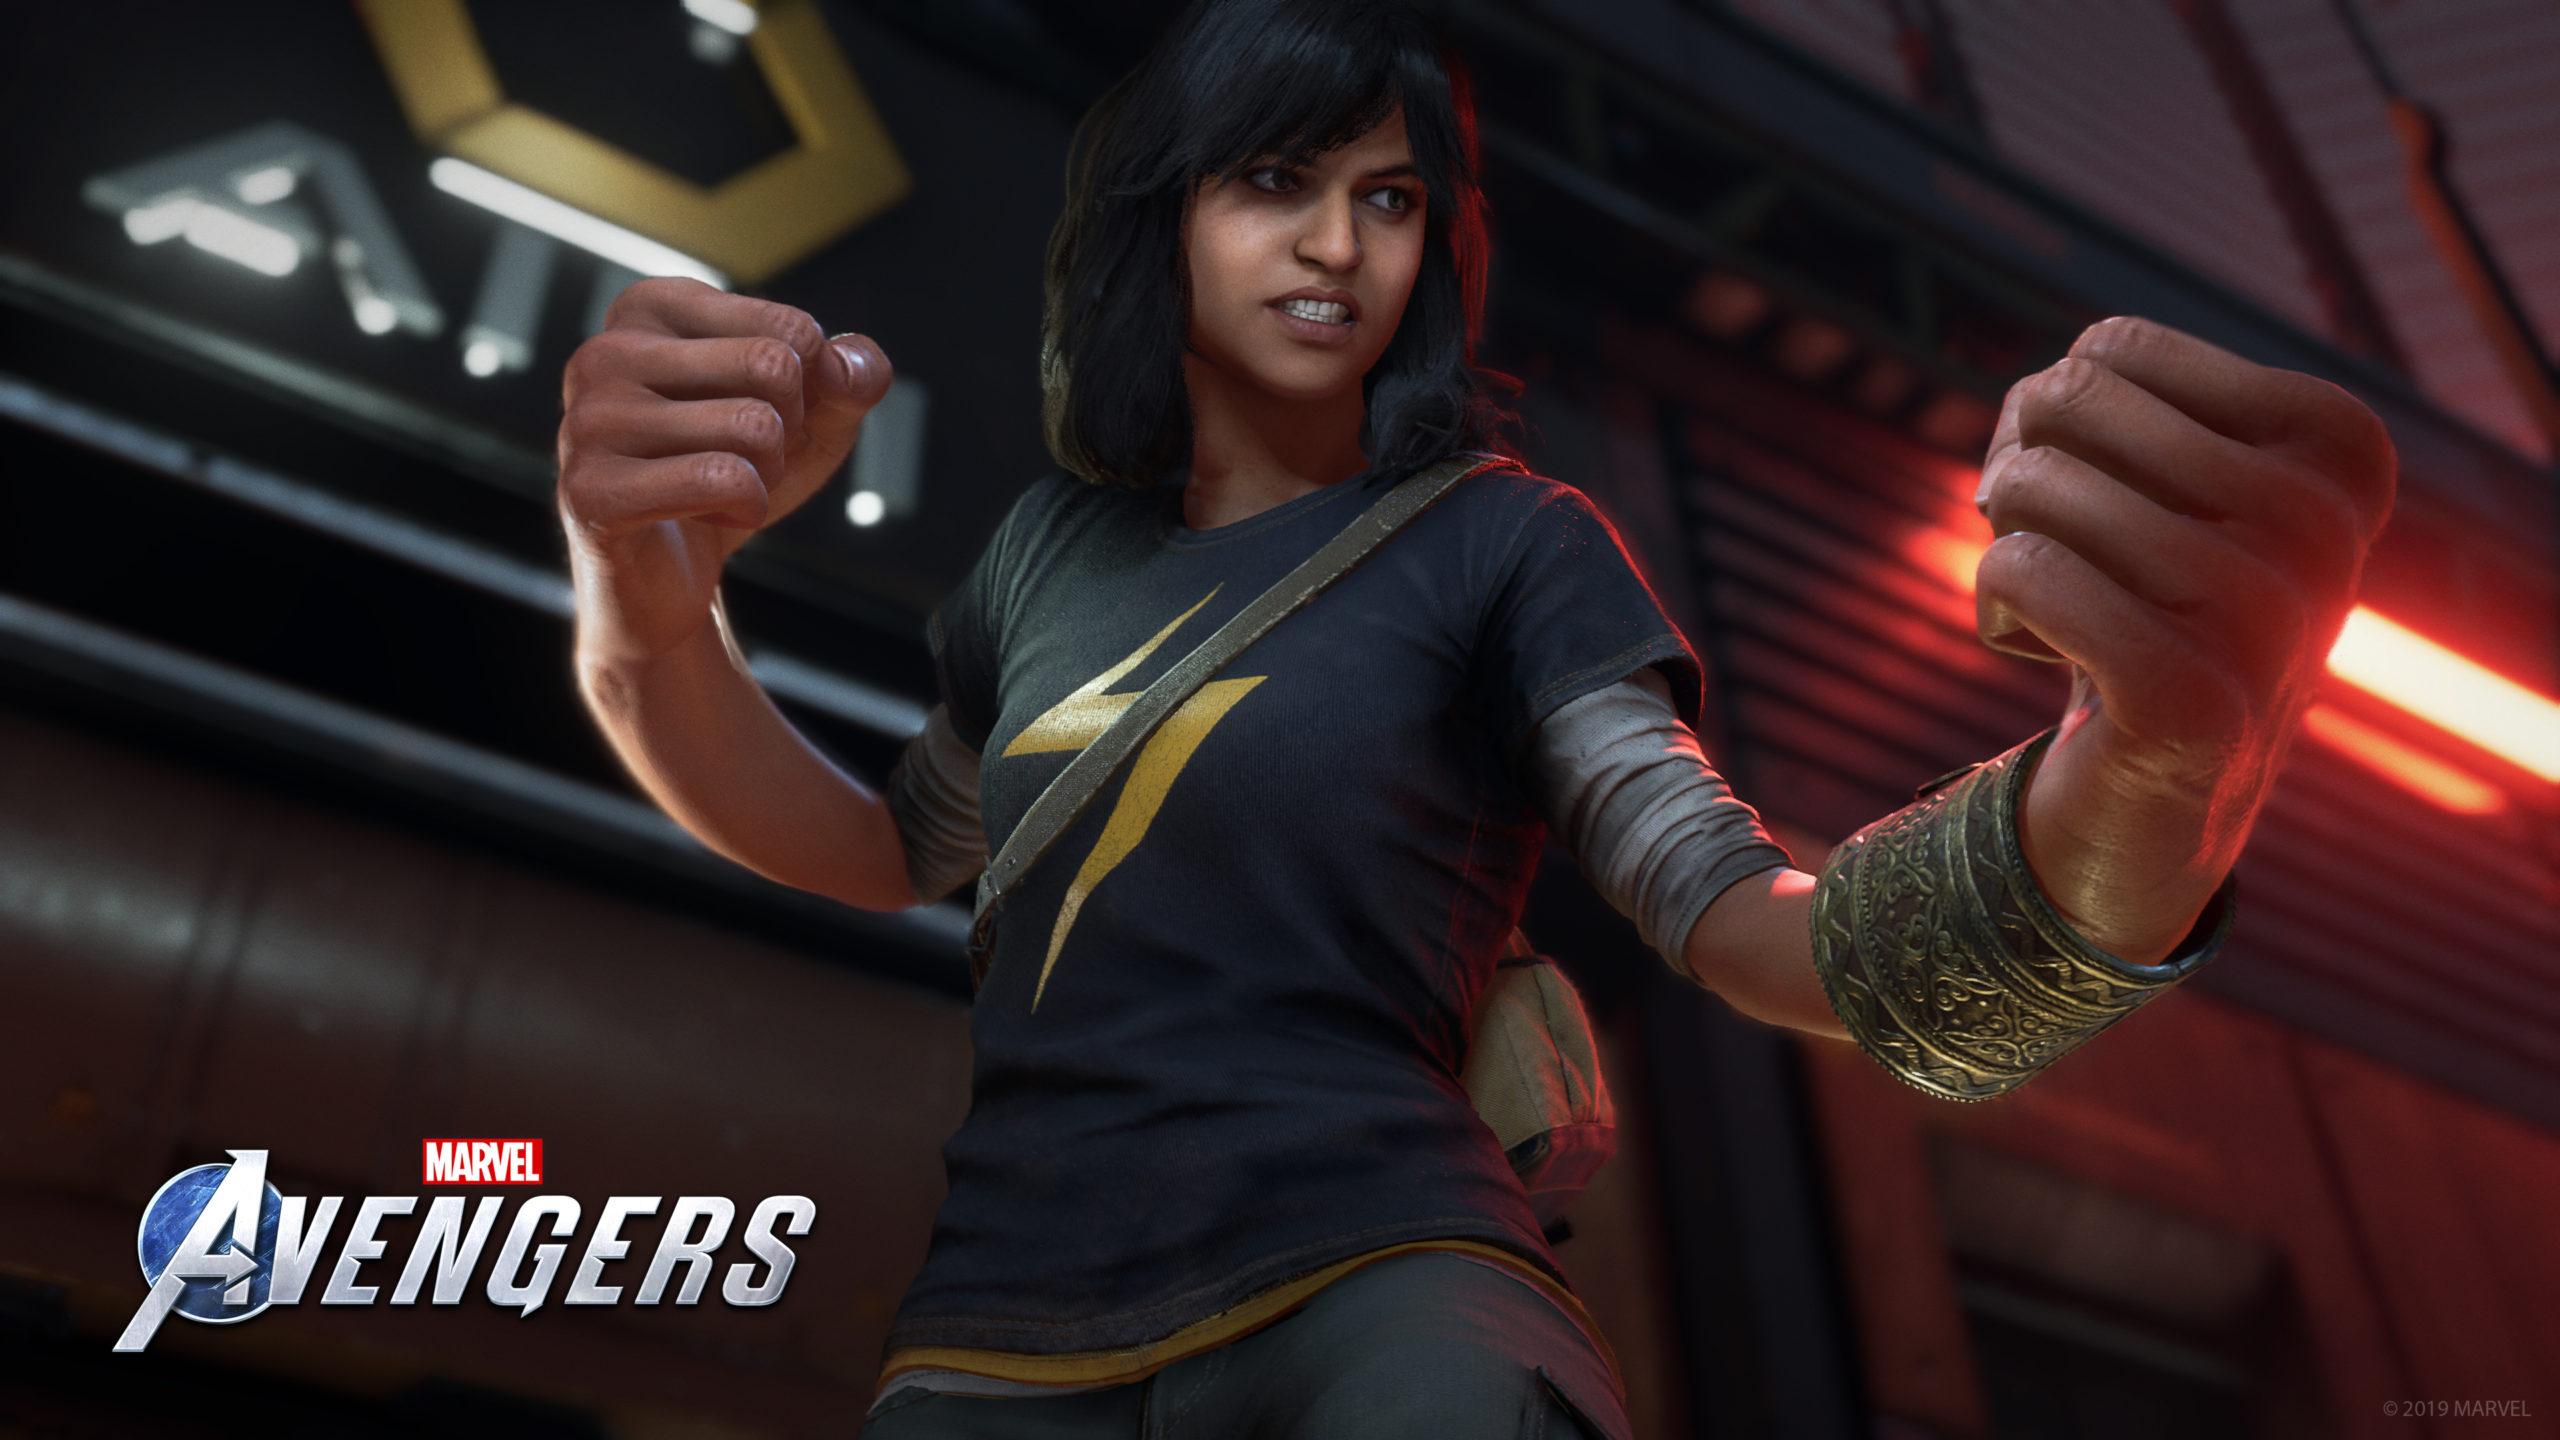 Marvel's Avengers - Kamala Khan